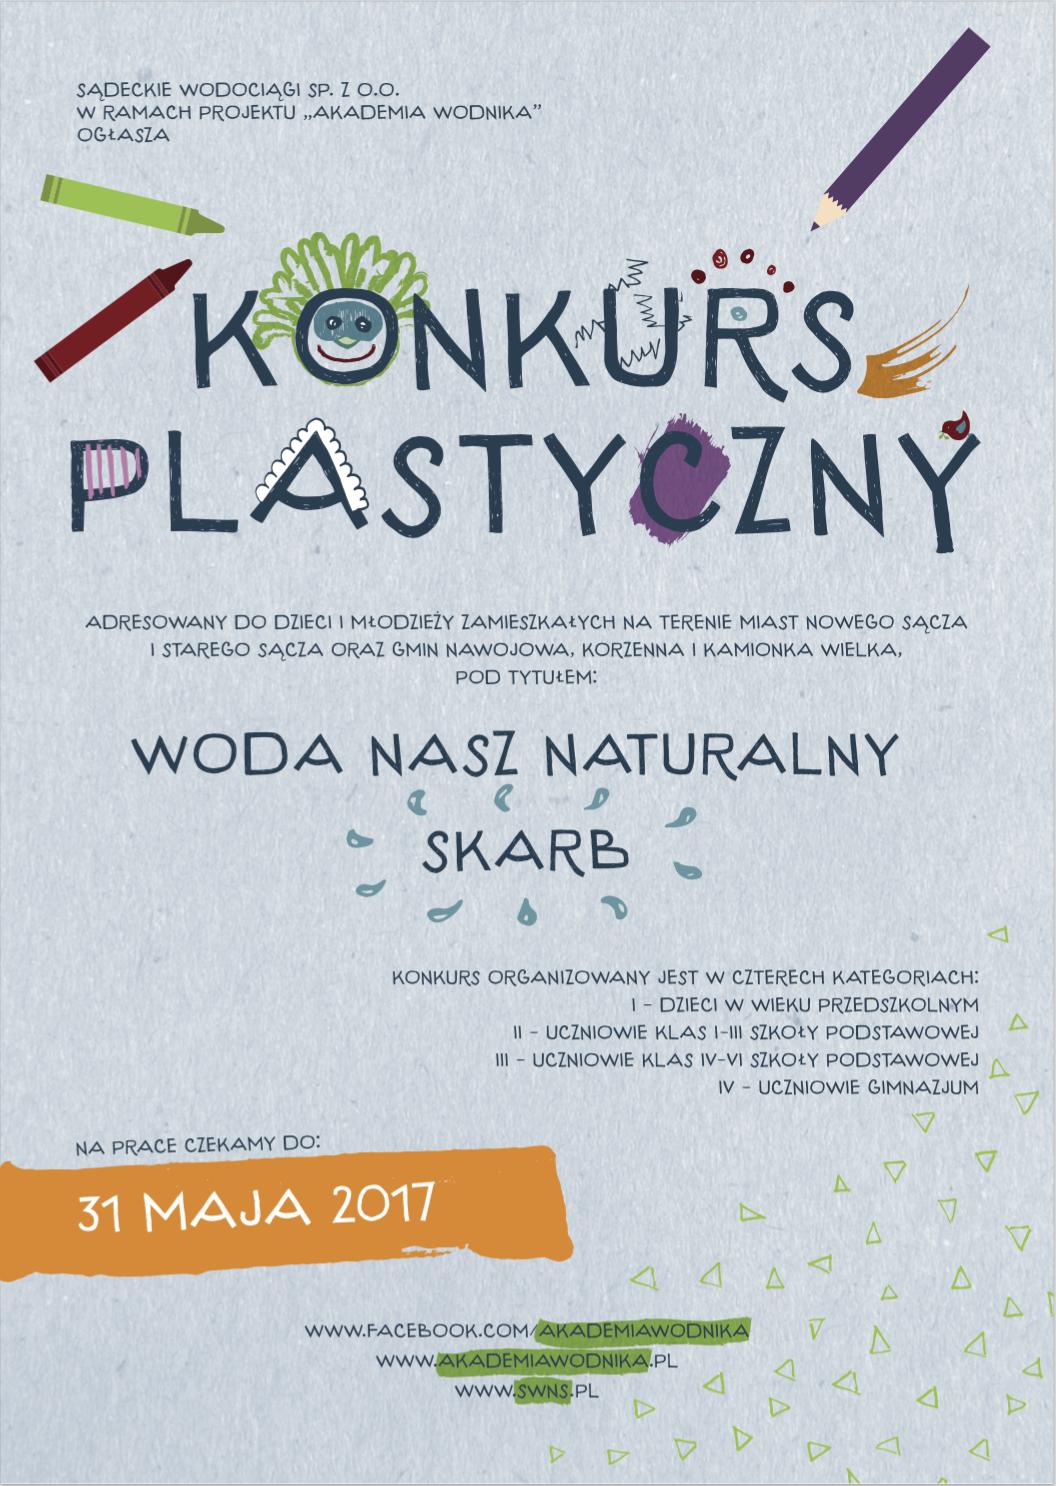 Konkurs_plastyczny_2017